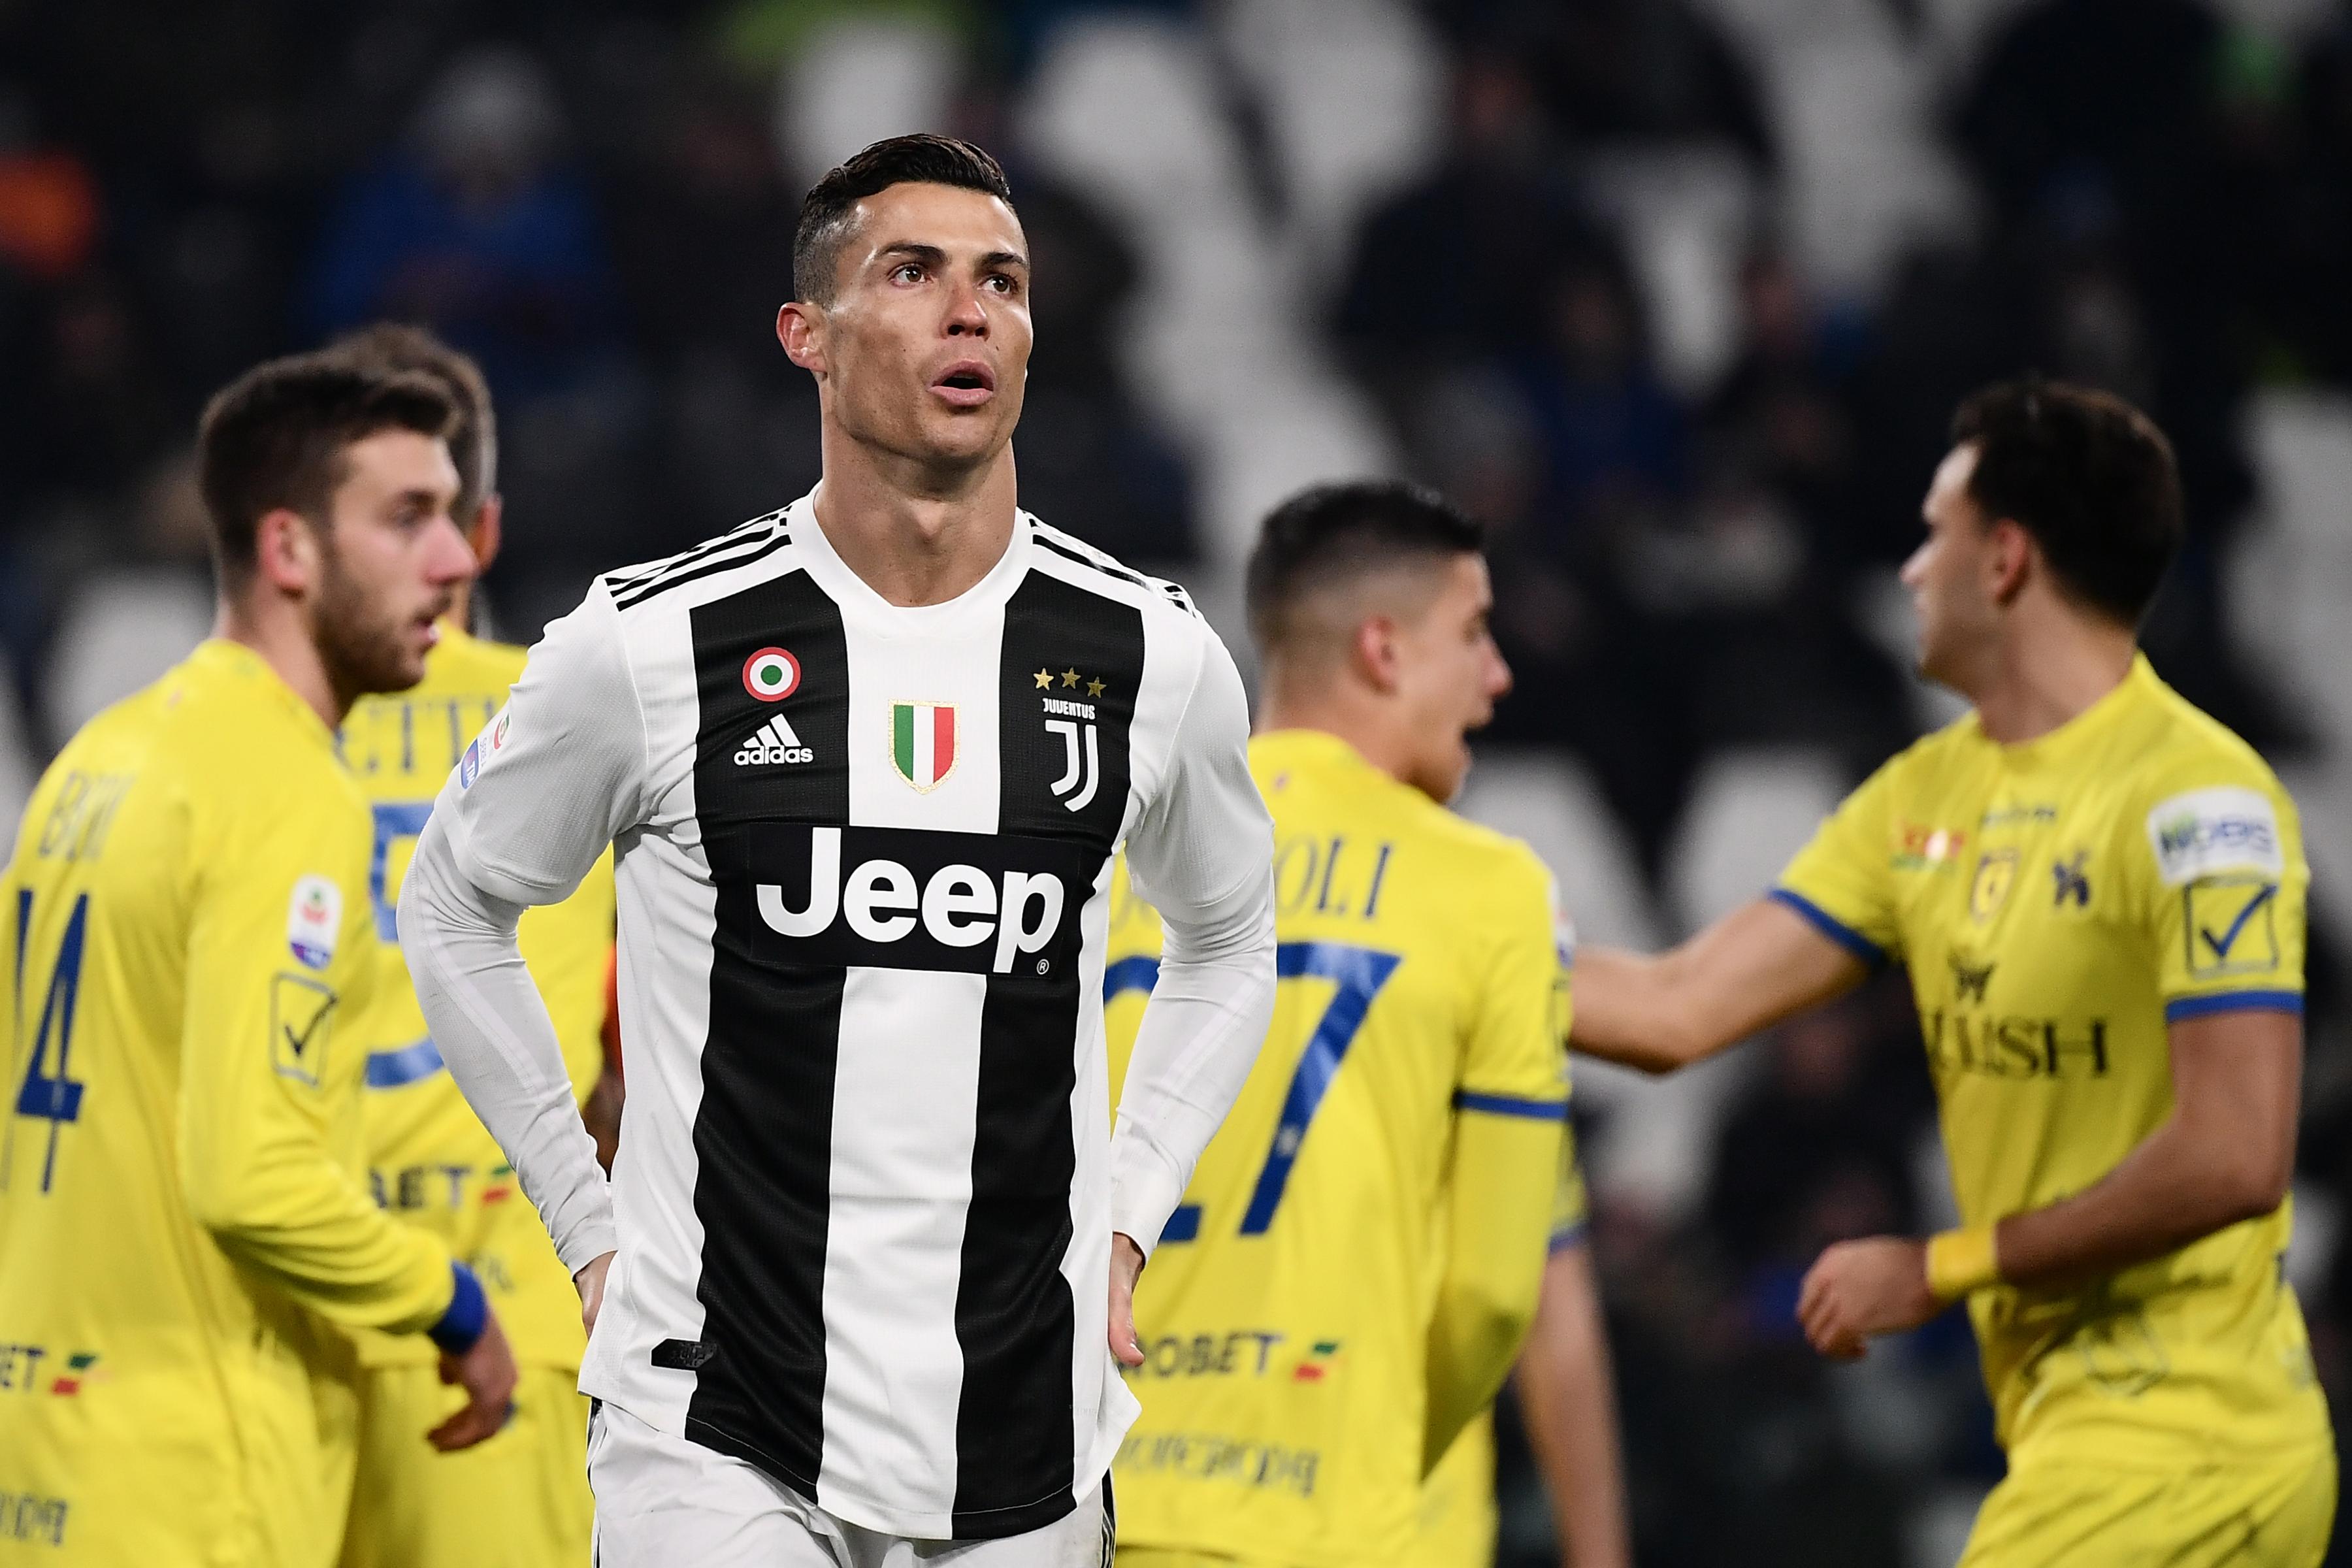 Cristiano Ronaldo se lamenta por haber fallado un penalti en el partido de la Juventus contra el Chievo Verona. (Foto Prensa Libre: AFP)